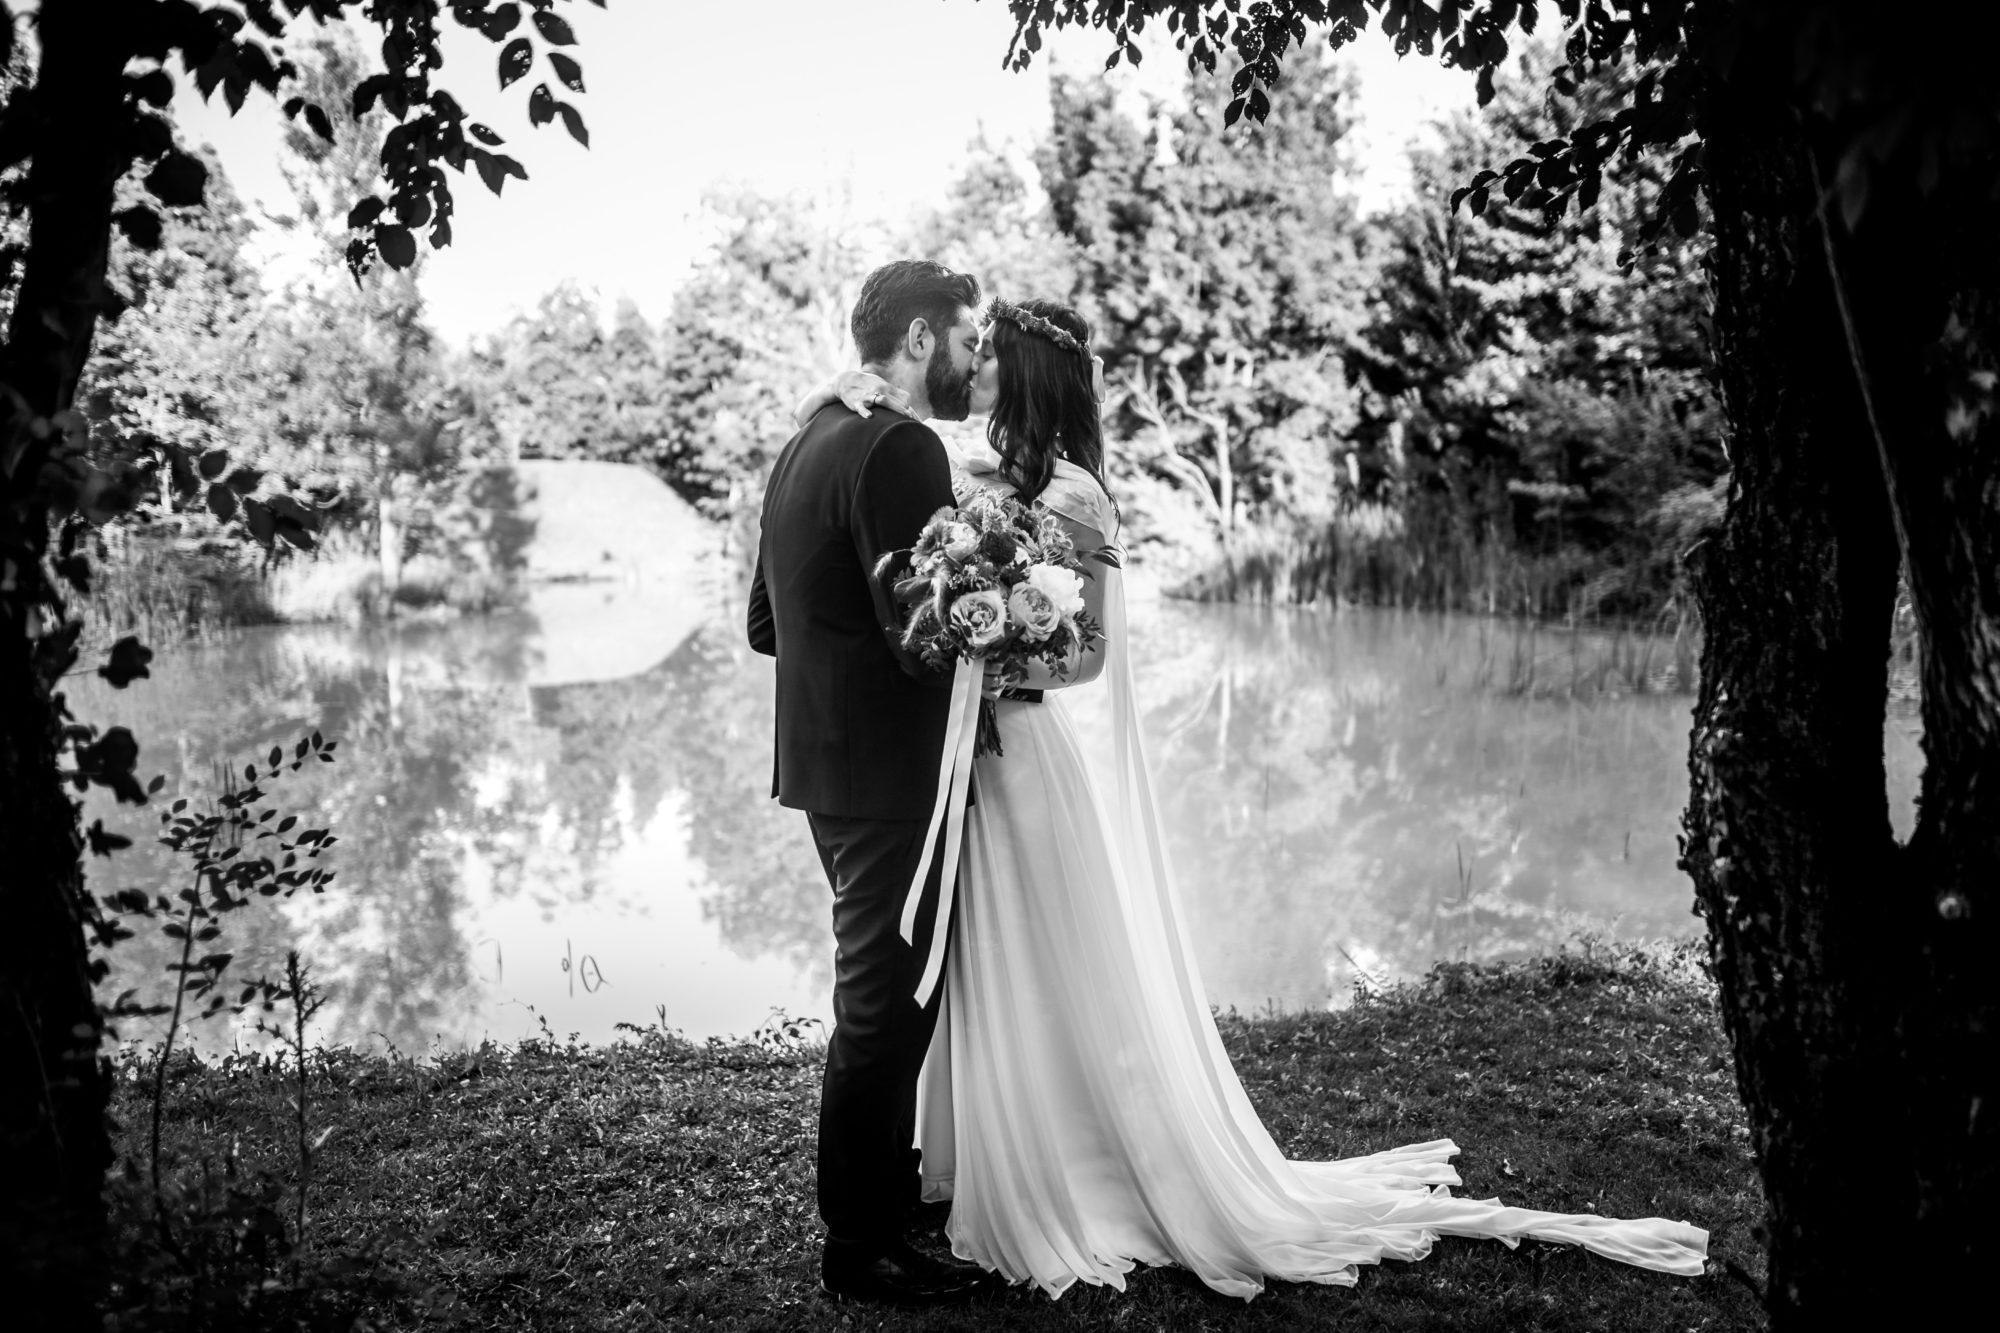 0026_gilberti_ricca_convento_annunciata_fotografi_matrimonio